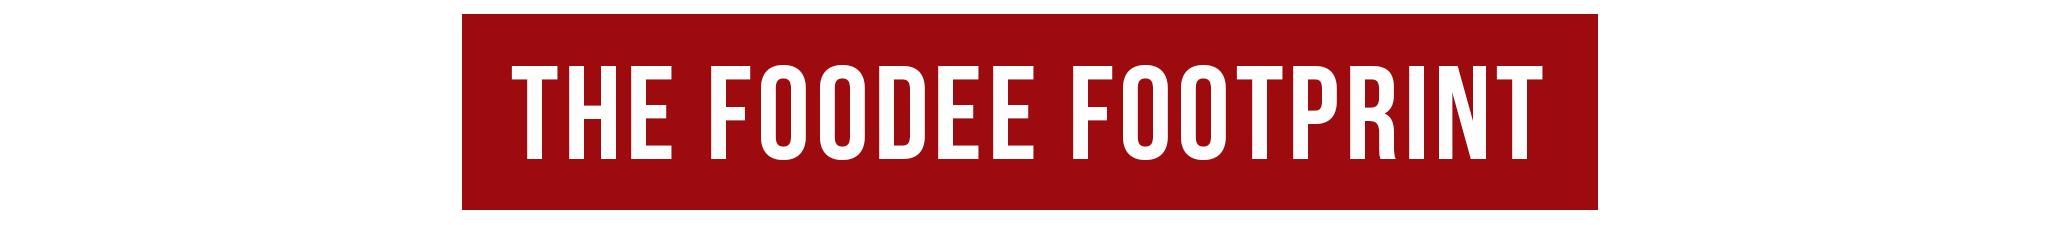 The Foodee Footprint